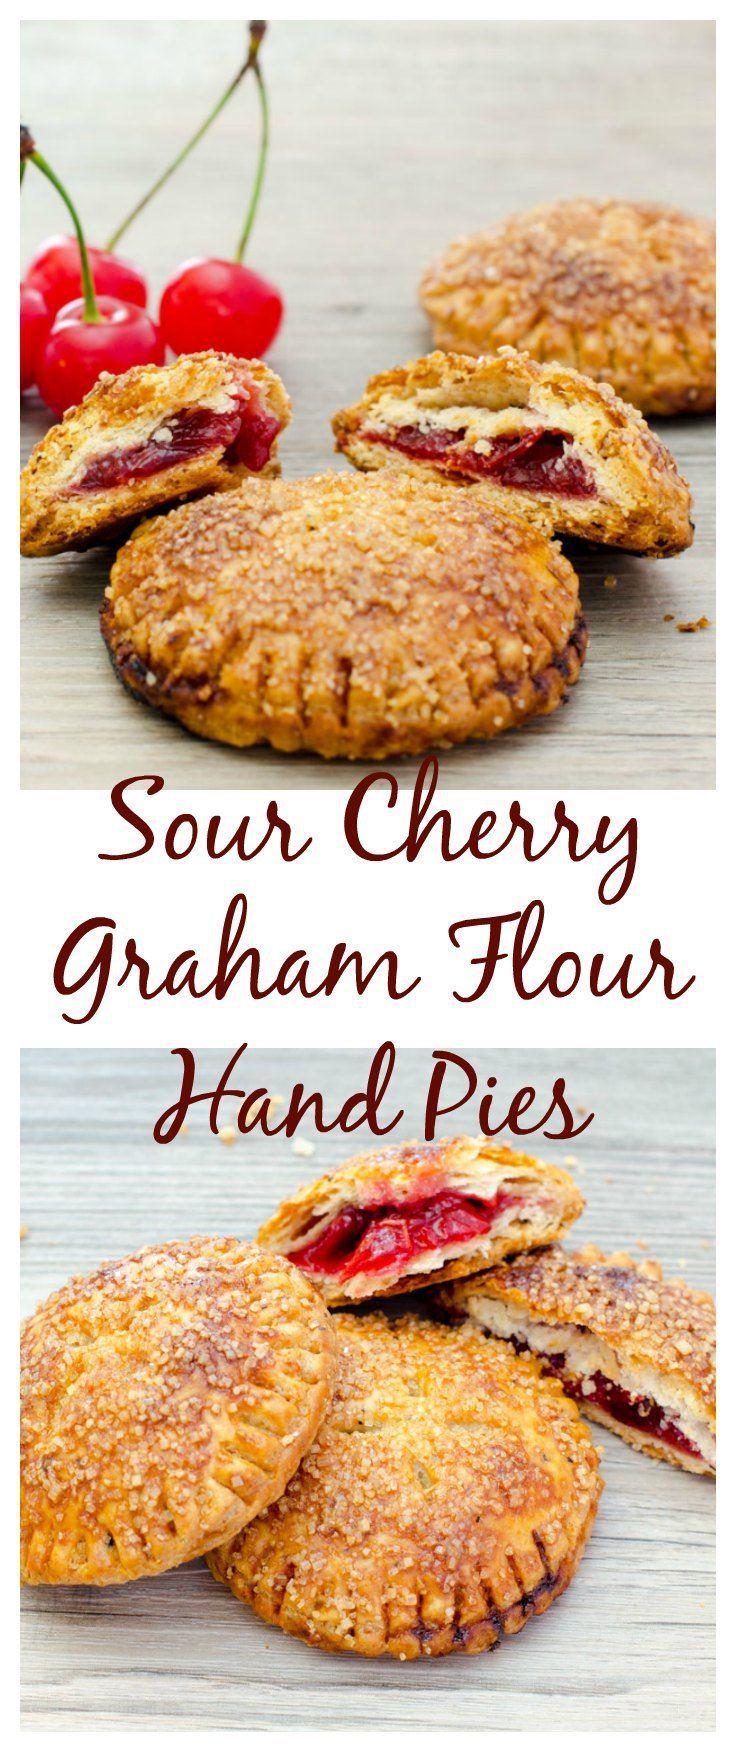 Sour Cherry Graham Flour Hand Pies